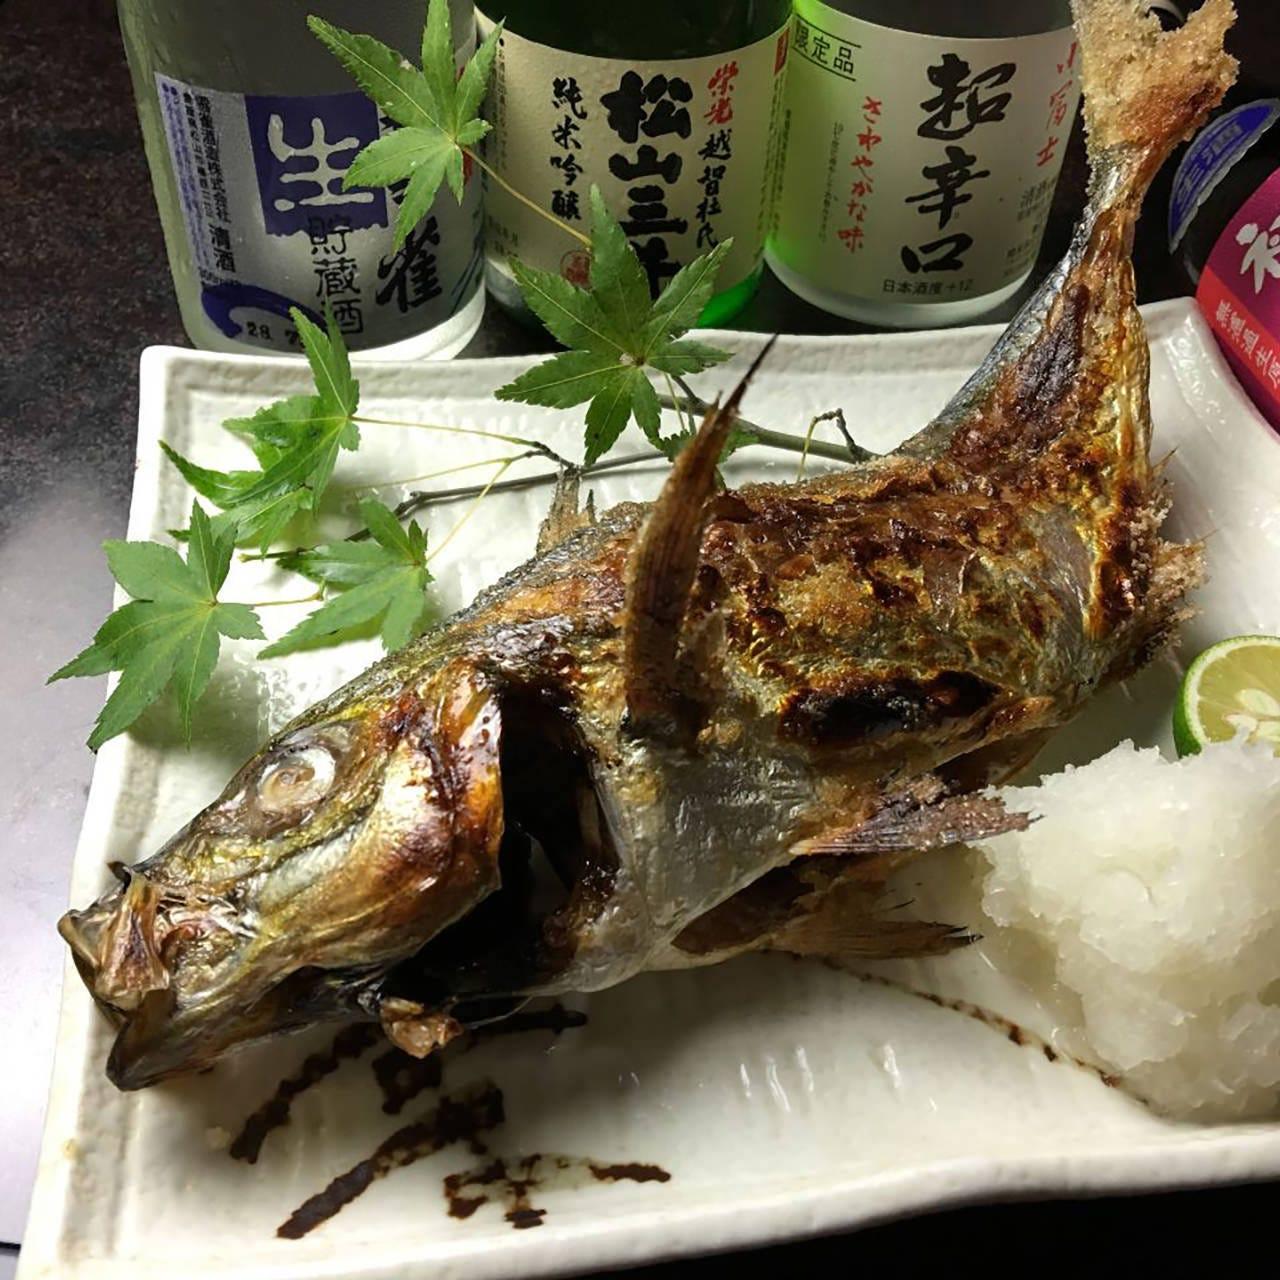 その日仕入れた魚を用意するので、内容は日によって変化します。